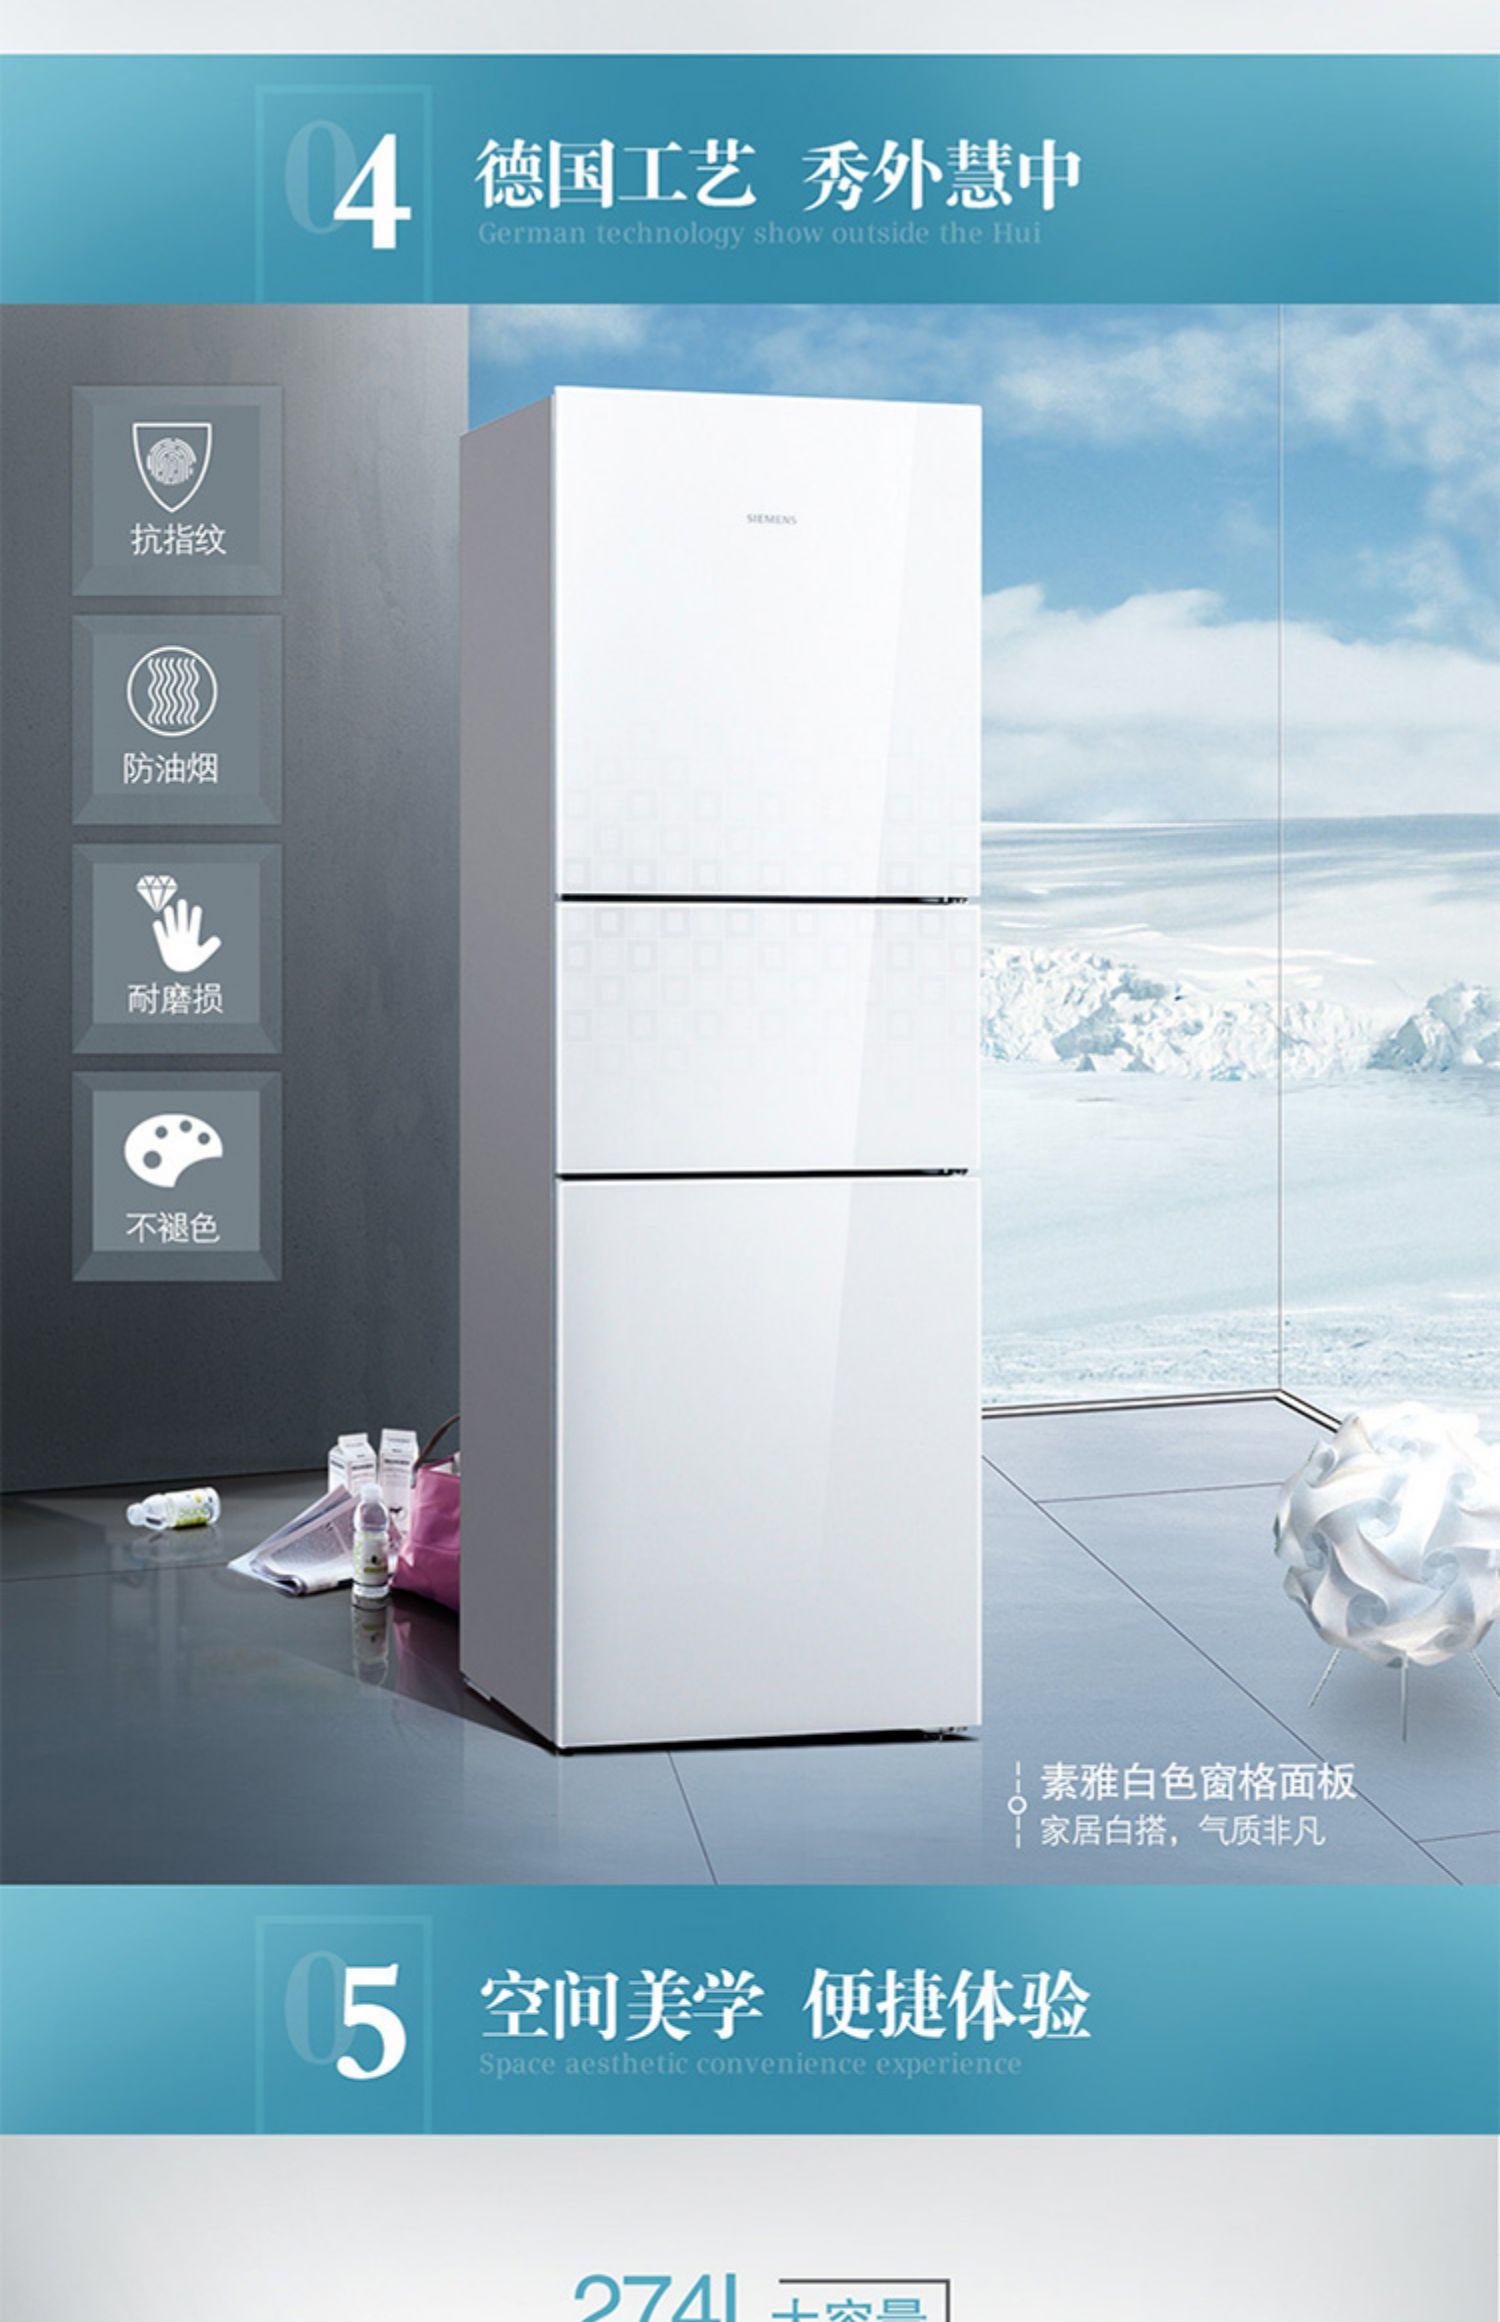 tủ lạnh panasonic 188l SIEMENS KG28US220C Tủ lạnh ba cánh màu trắng 274 lít  không bảo quản - Tủ lạnh tủ lanh | Nghiện Shopping | Đặt hàng siêu tốc -  Bốc đến tận nhà